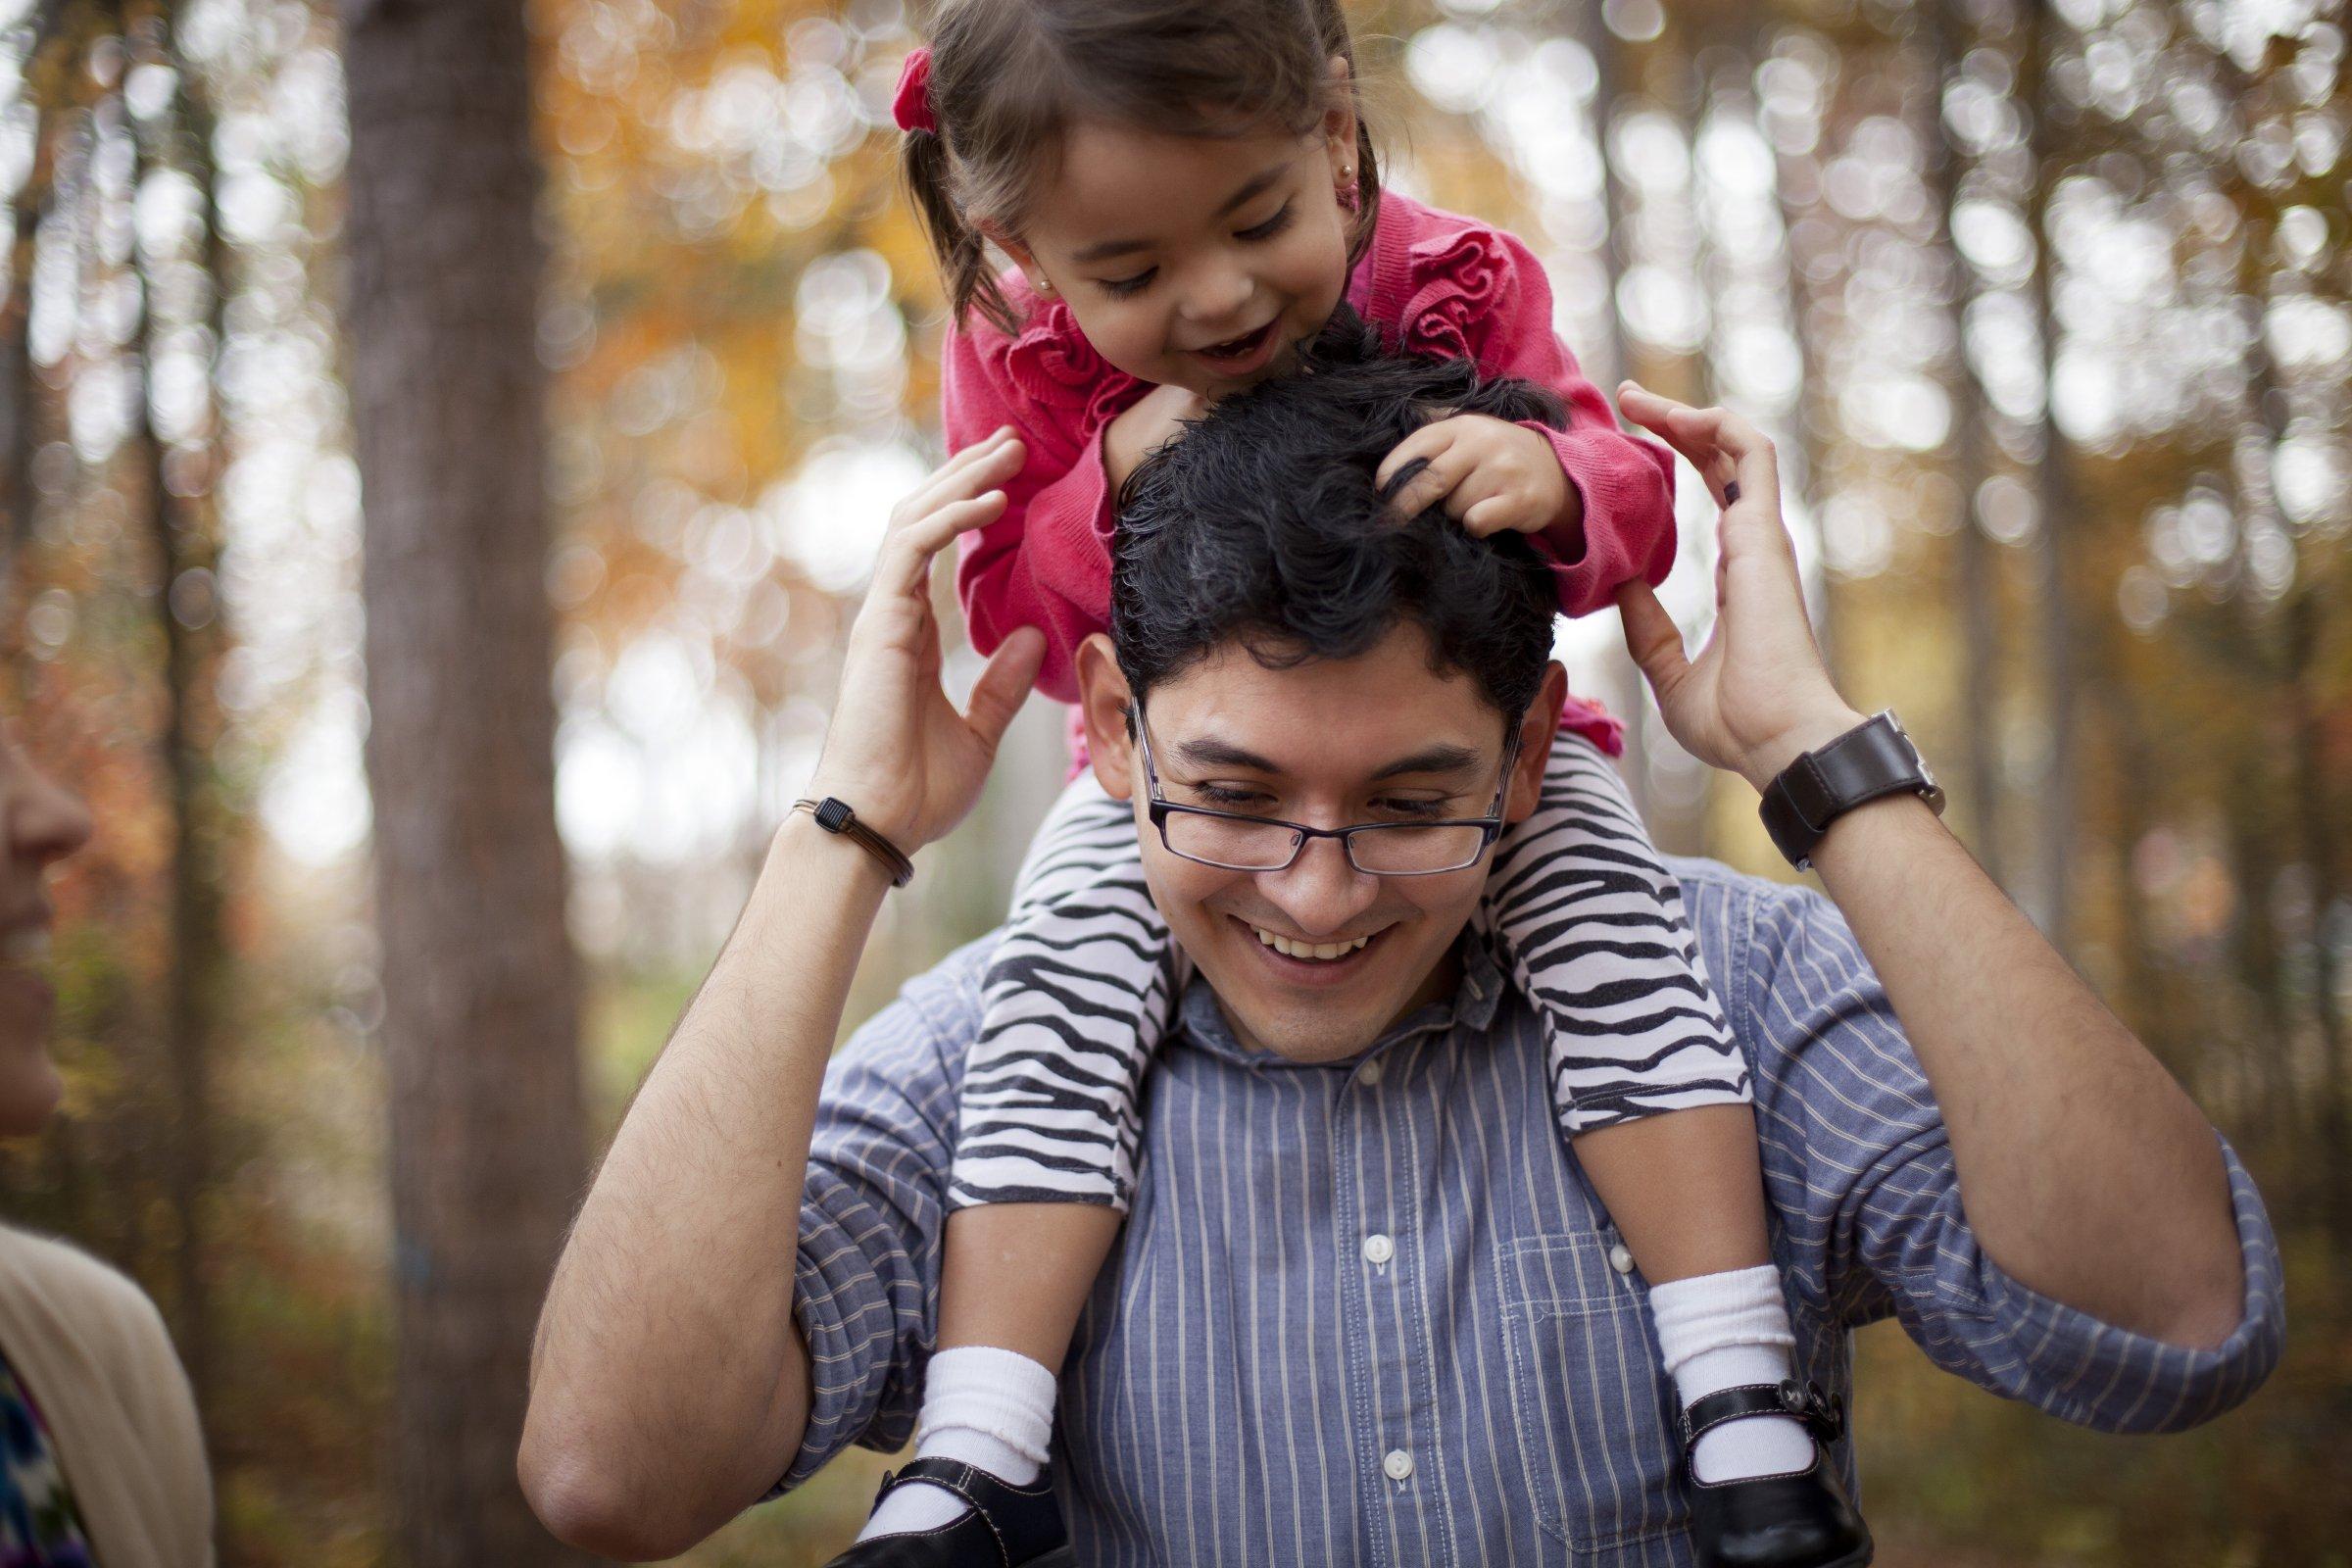 father daughter shoulders 921270 wallpaper.jpg?resize=636,358 - Mulheres que cresceram com o pai presente são seguras e independentes